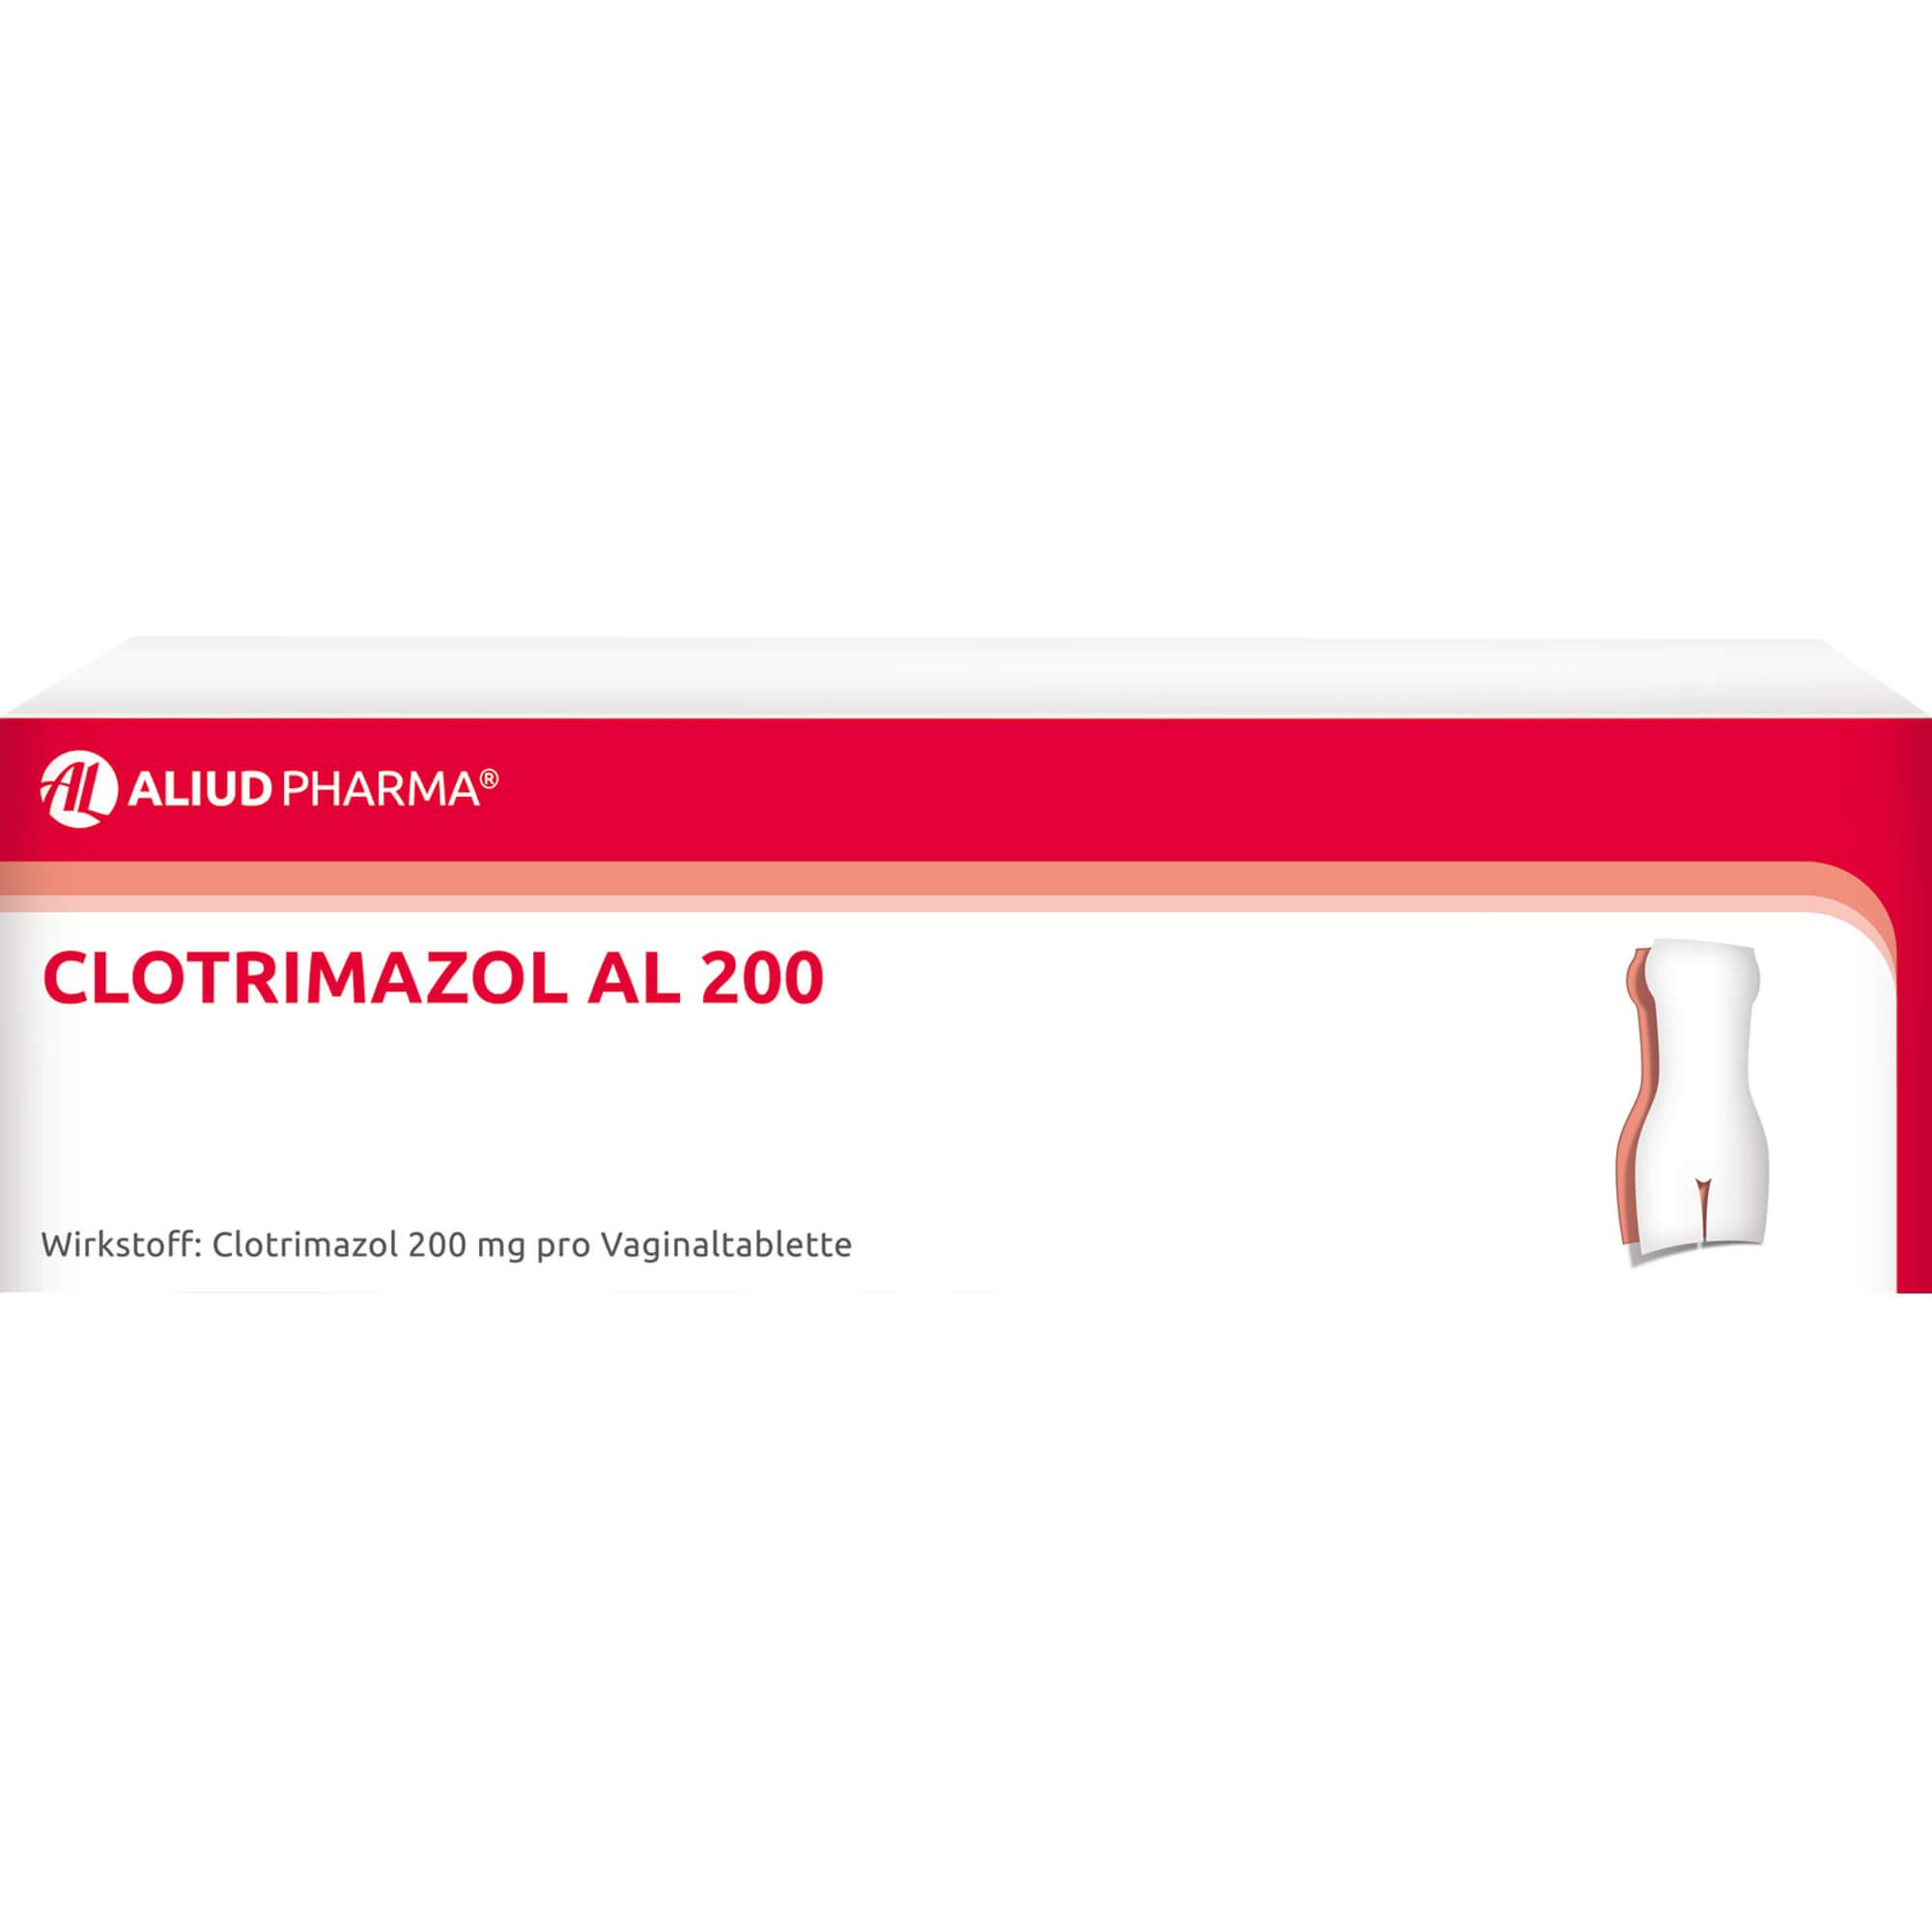 CLOTRIMAZOL-AL-200-Vaginaltabletten